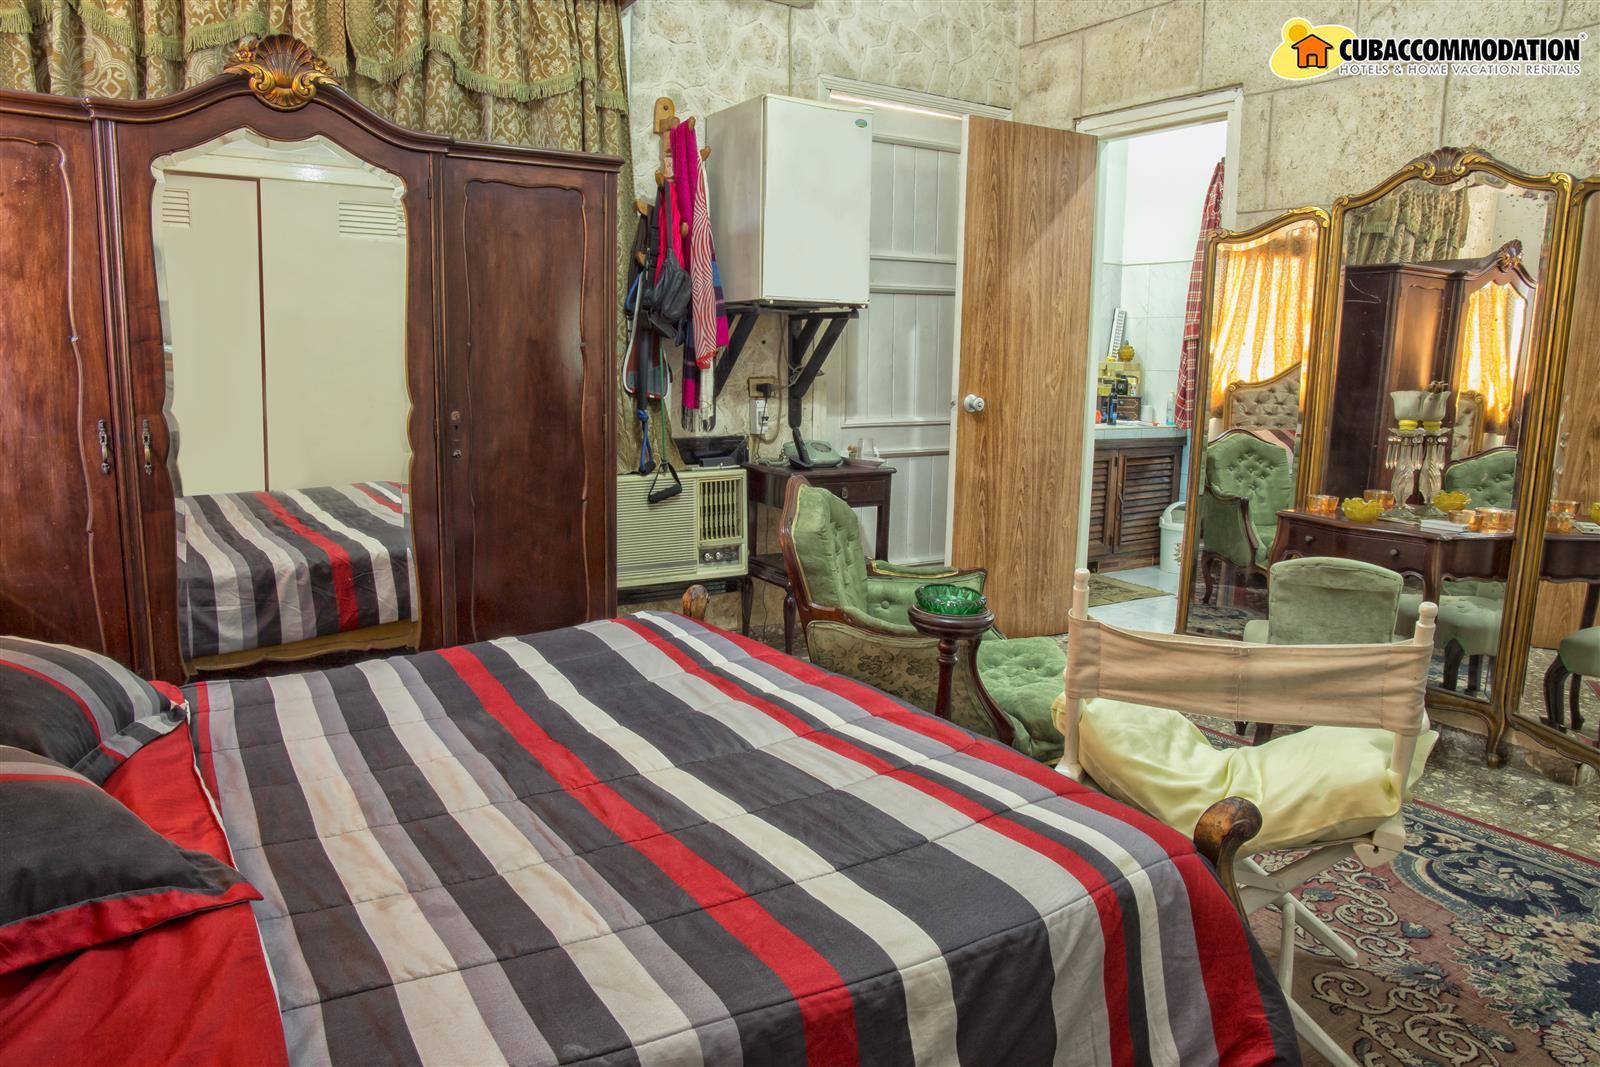 Guesthouses, Casa Rene - Centro Havana Rentals, Havana ...